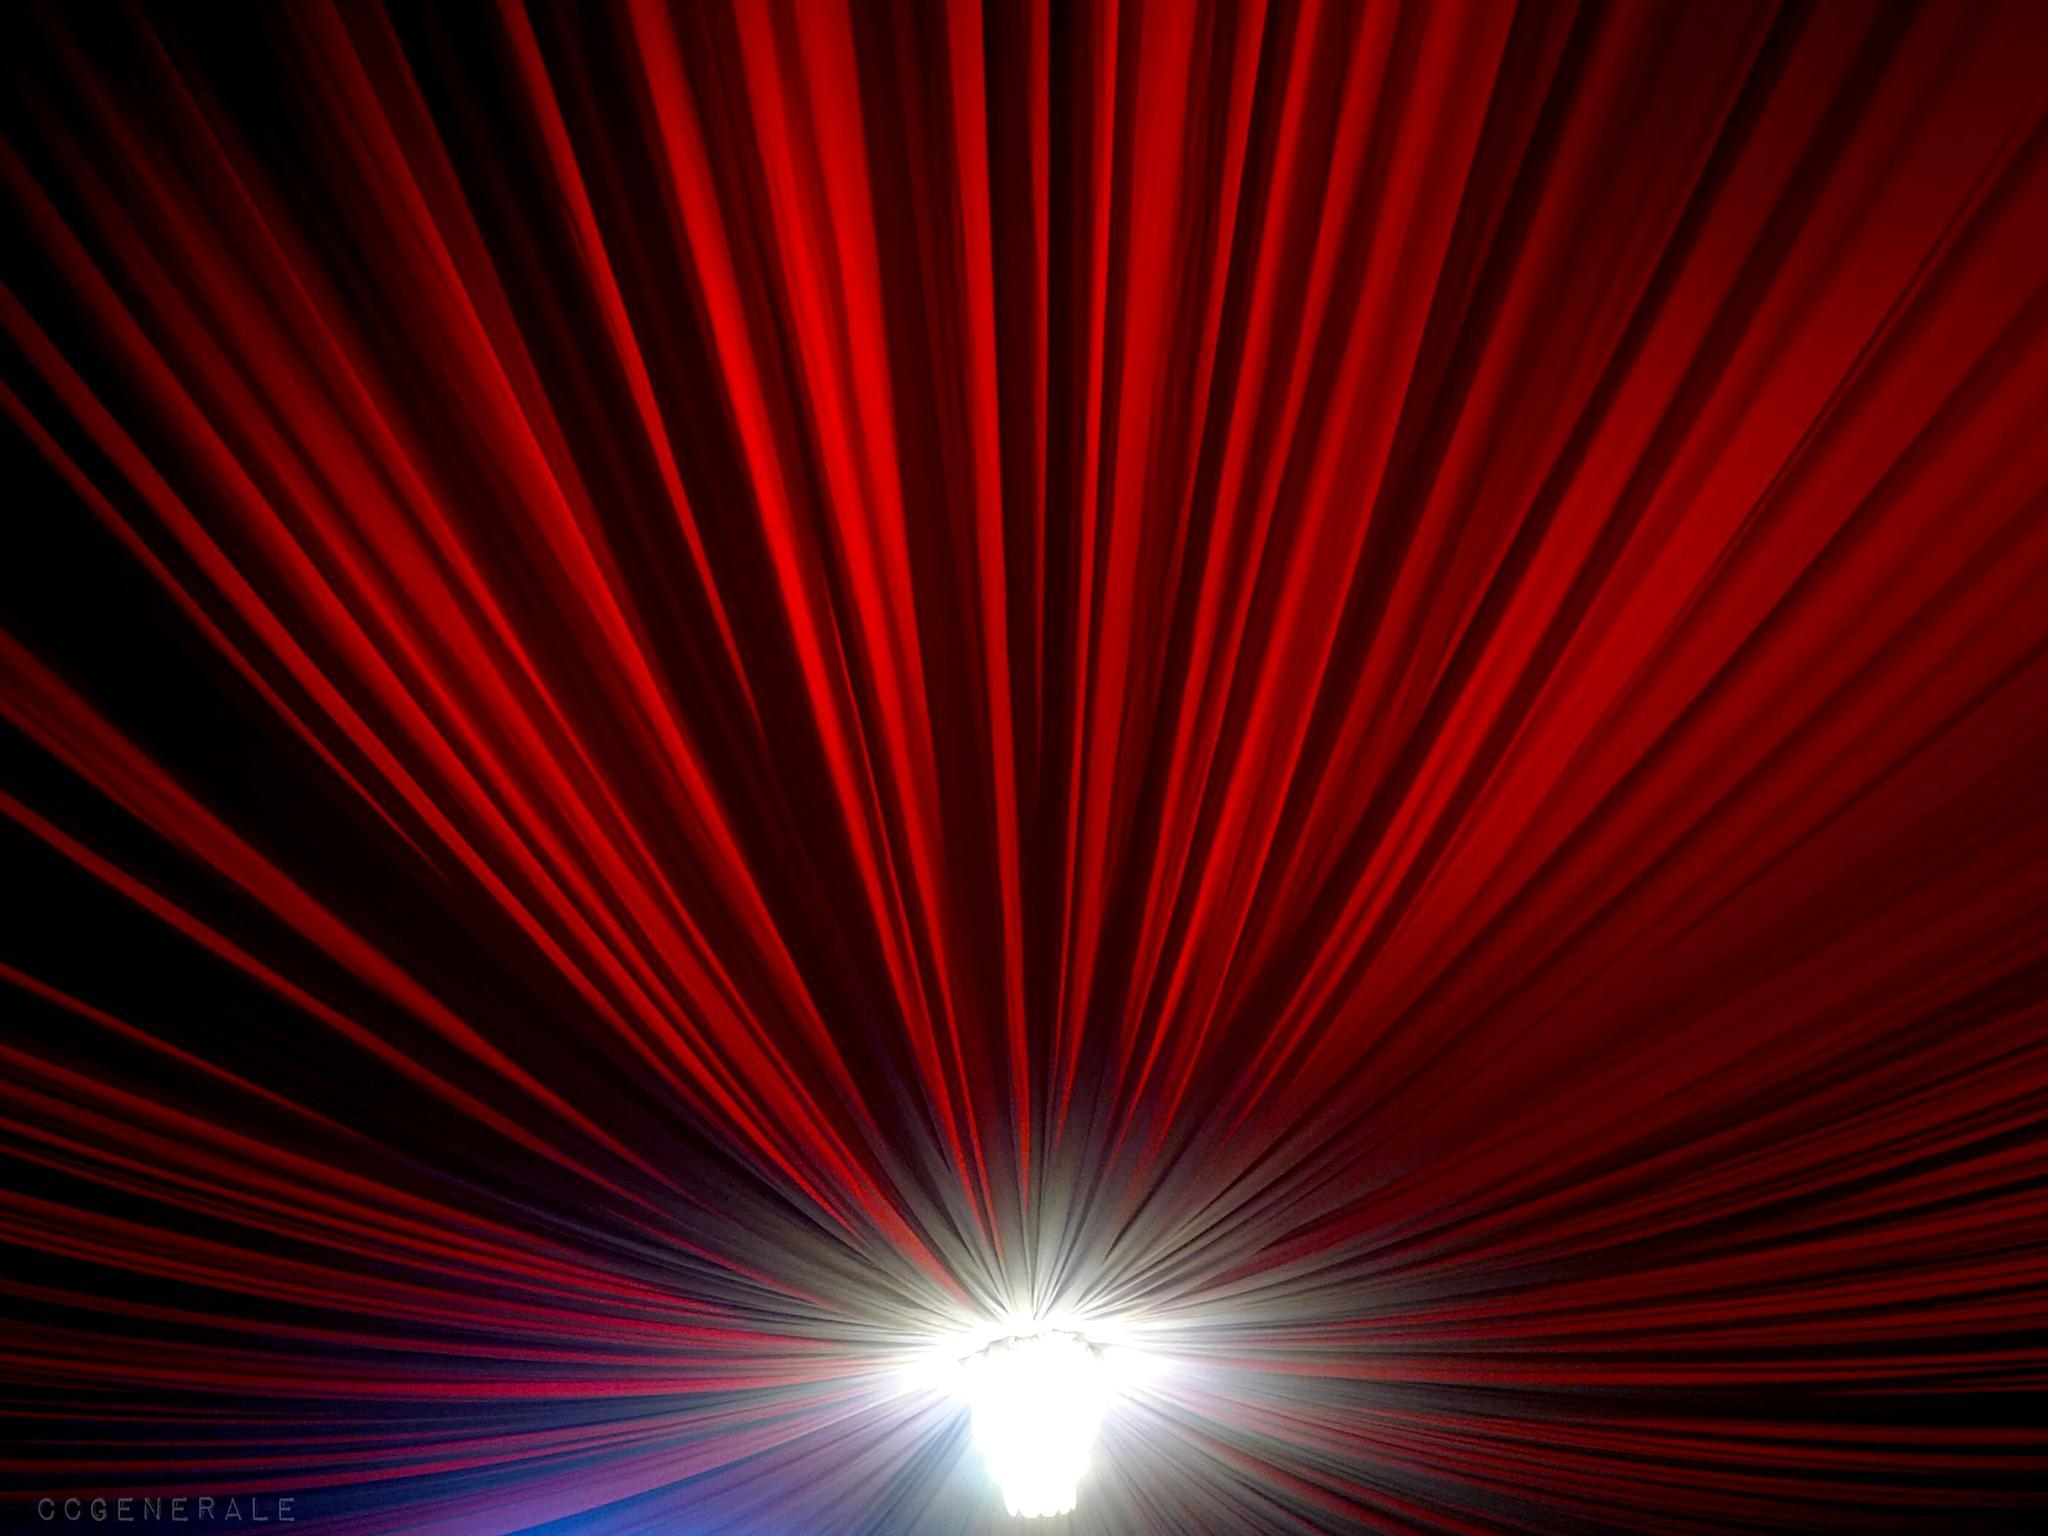 Red Velvet by czaryselee